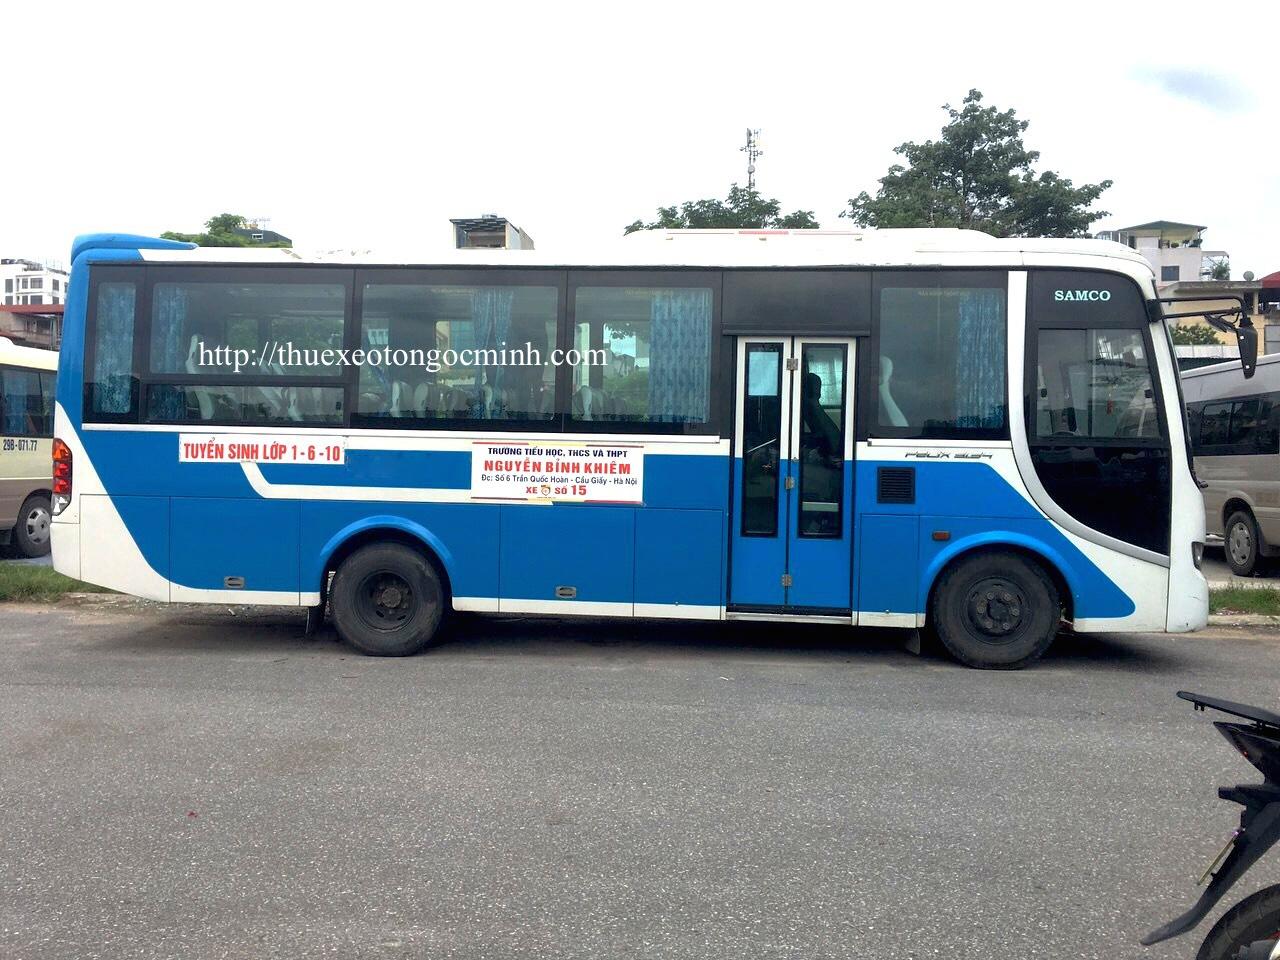 Thuê xe 35 chỗ Hyundai aero Town tại Hà nội